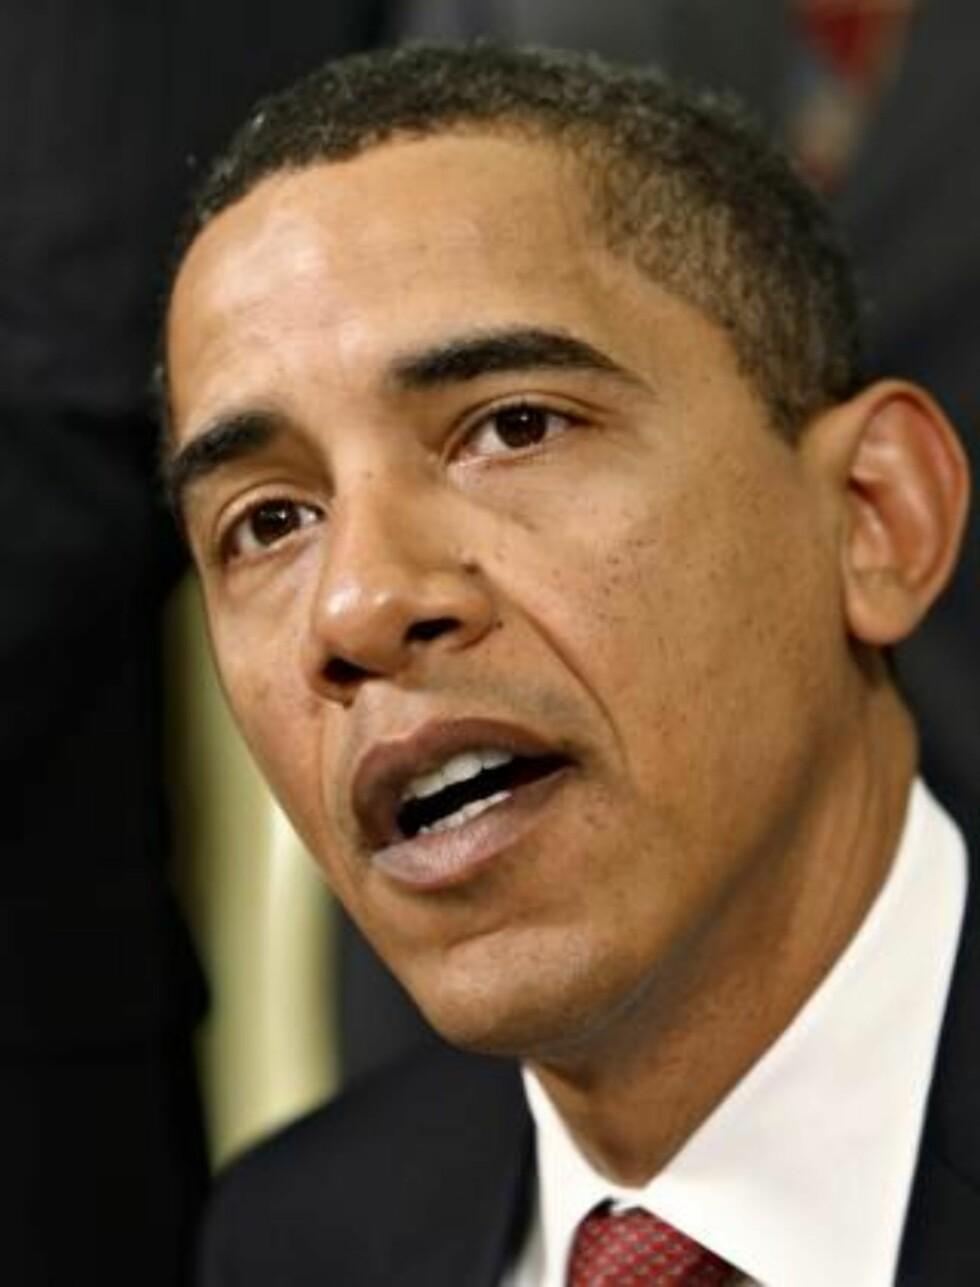 TAR GREP: Avgjørelsen om å stenge det omstridte fengselet var en av de første Barack Obama tok etter at han ble president i januar. Foto: Scanpix